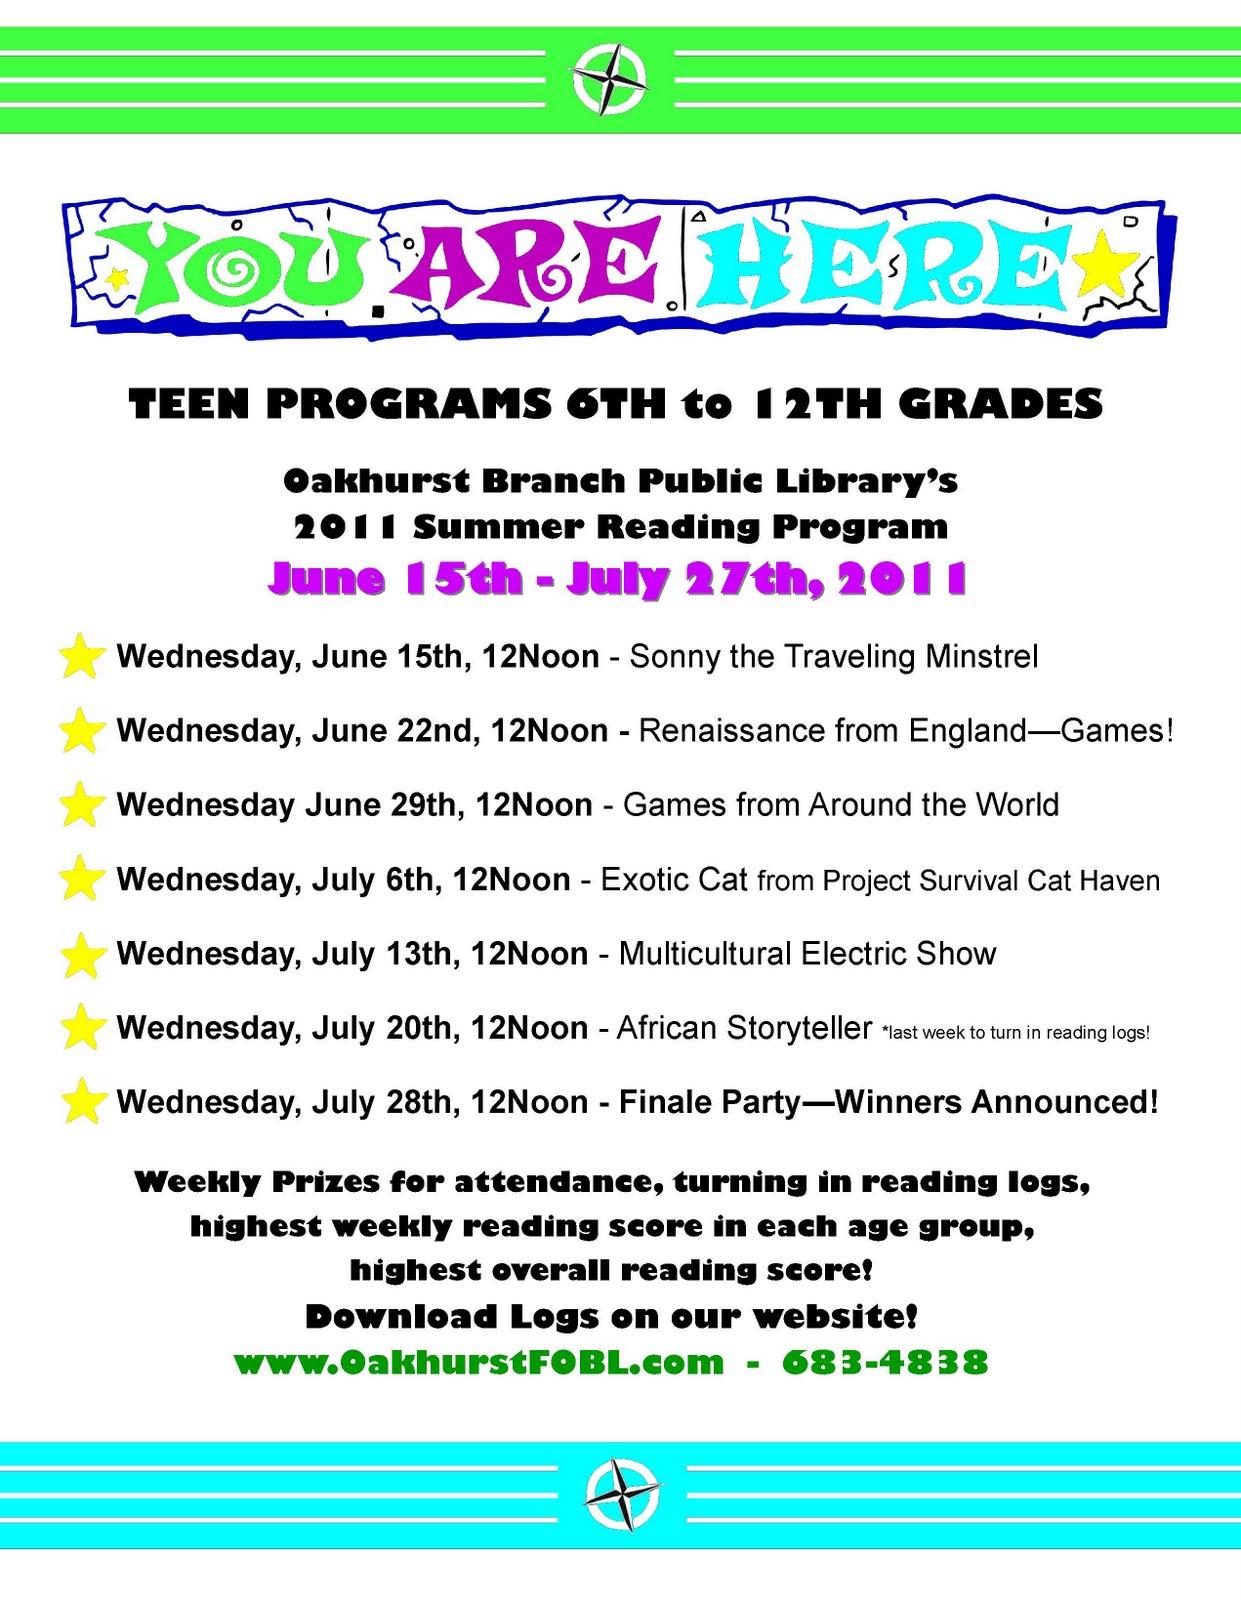 Teen summer reading programs